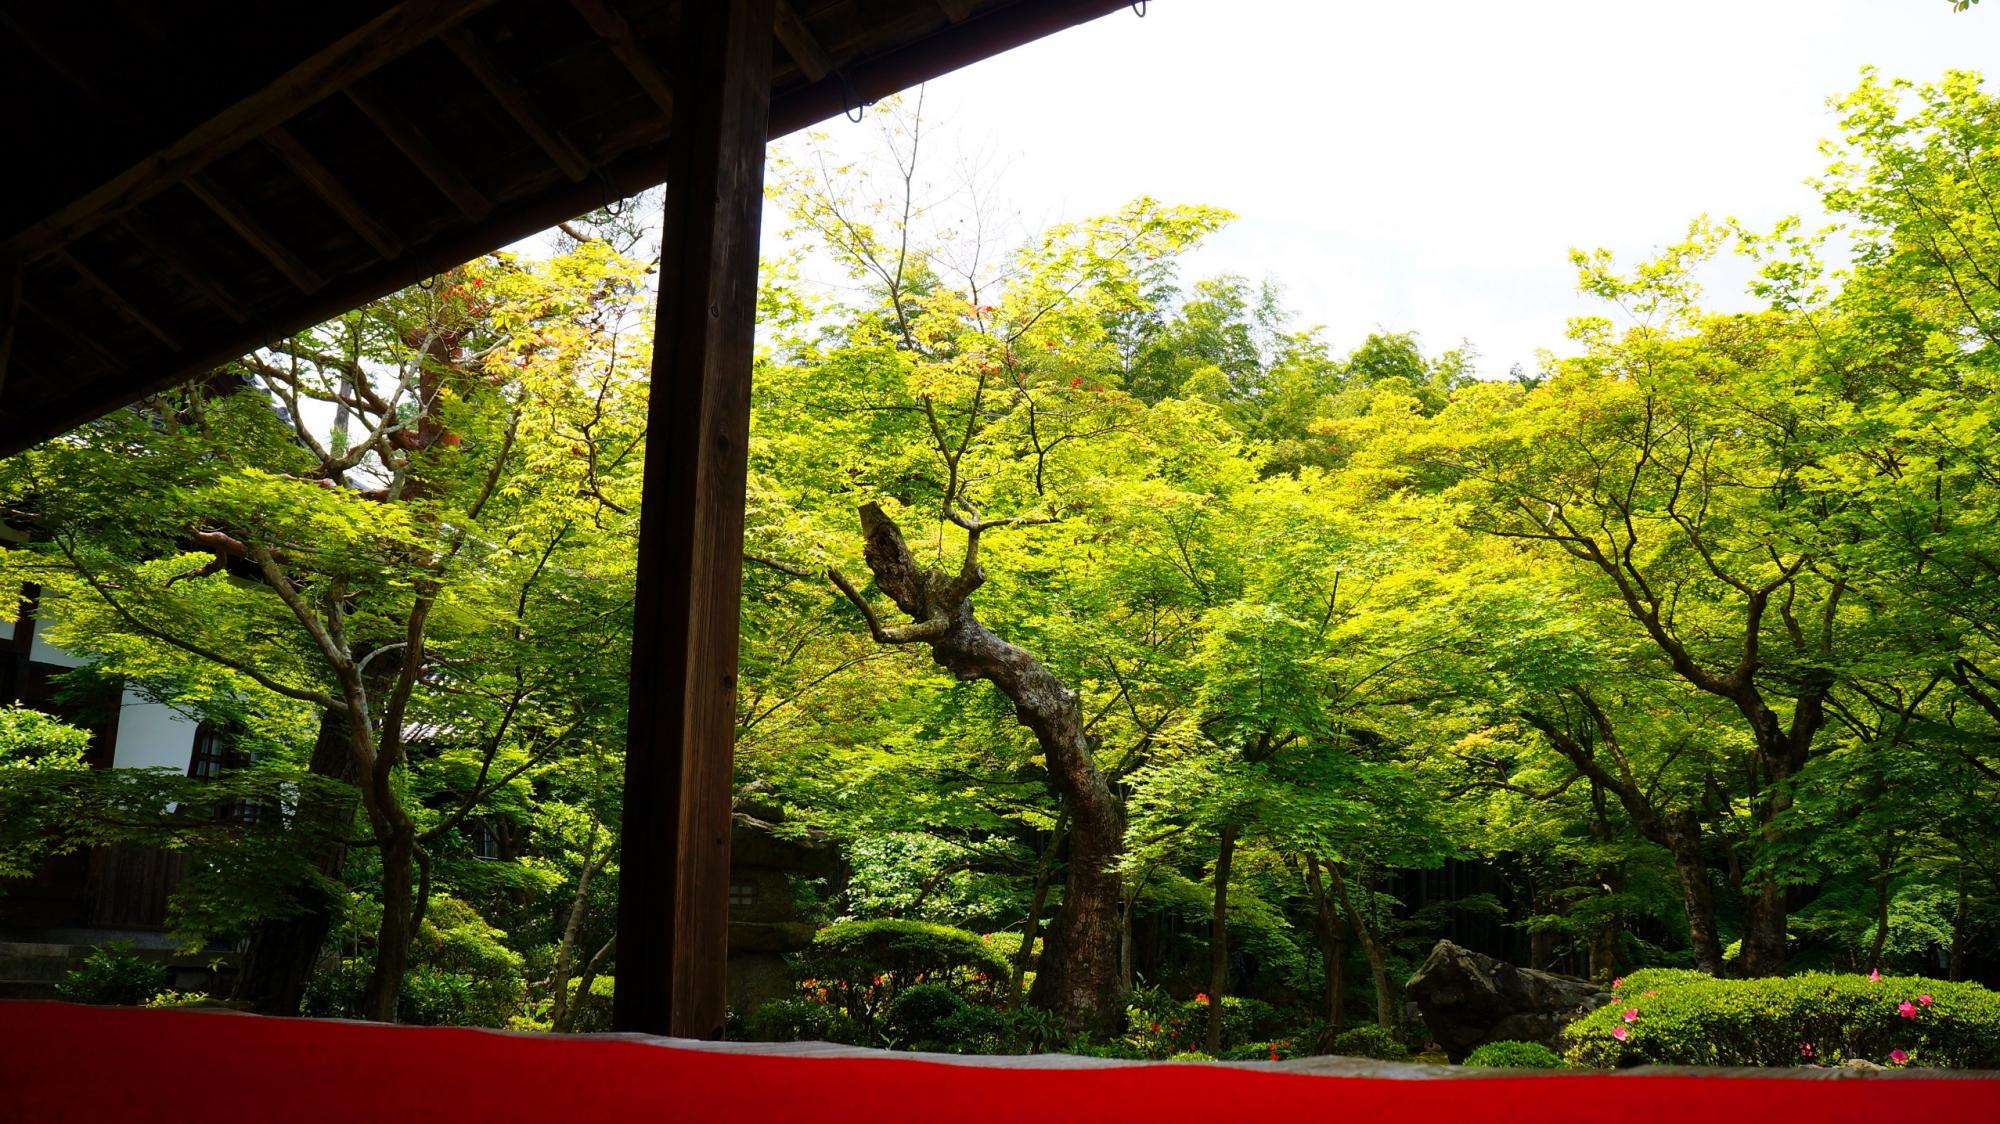 圓光寺の十牛之庭の眩しい青もみじと新緑